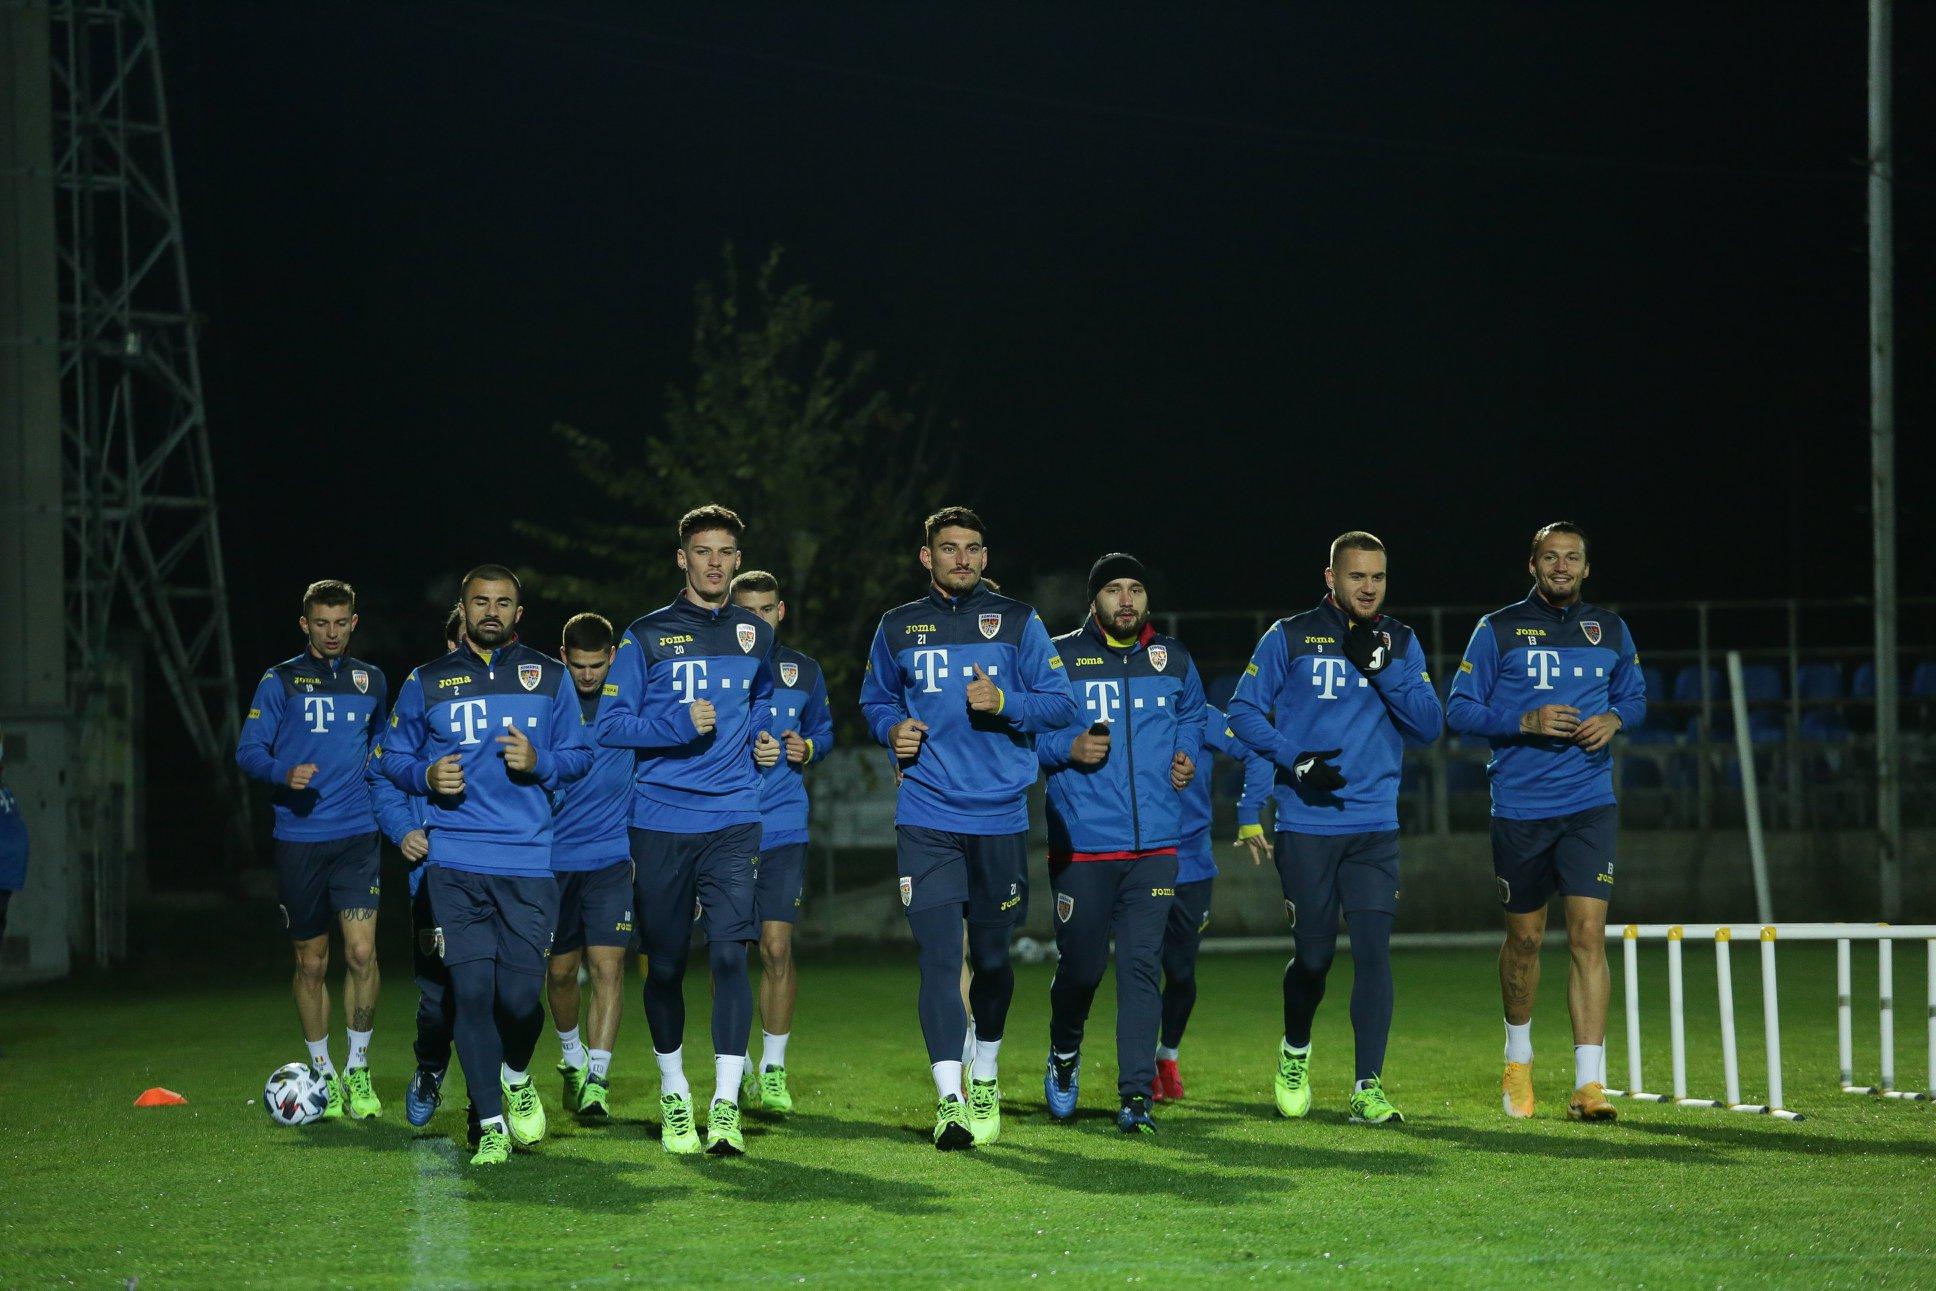 Gestul pe care îl face un jucător al naționalei dacă România se califică la Mondial. Promisiune în premieră